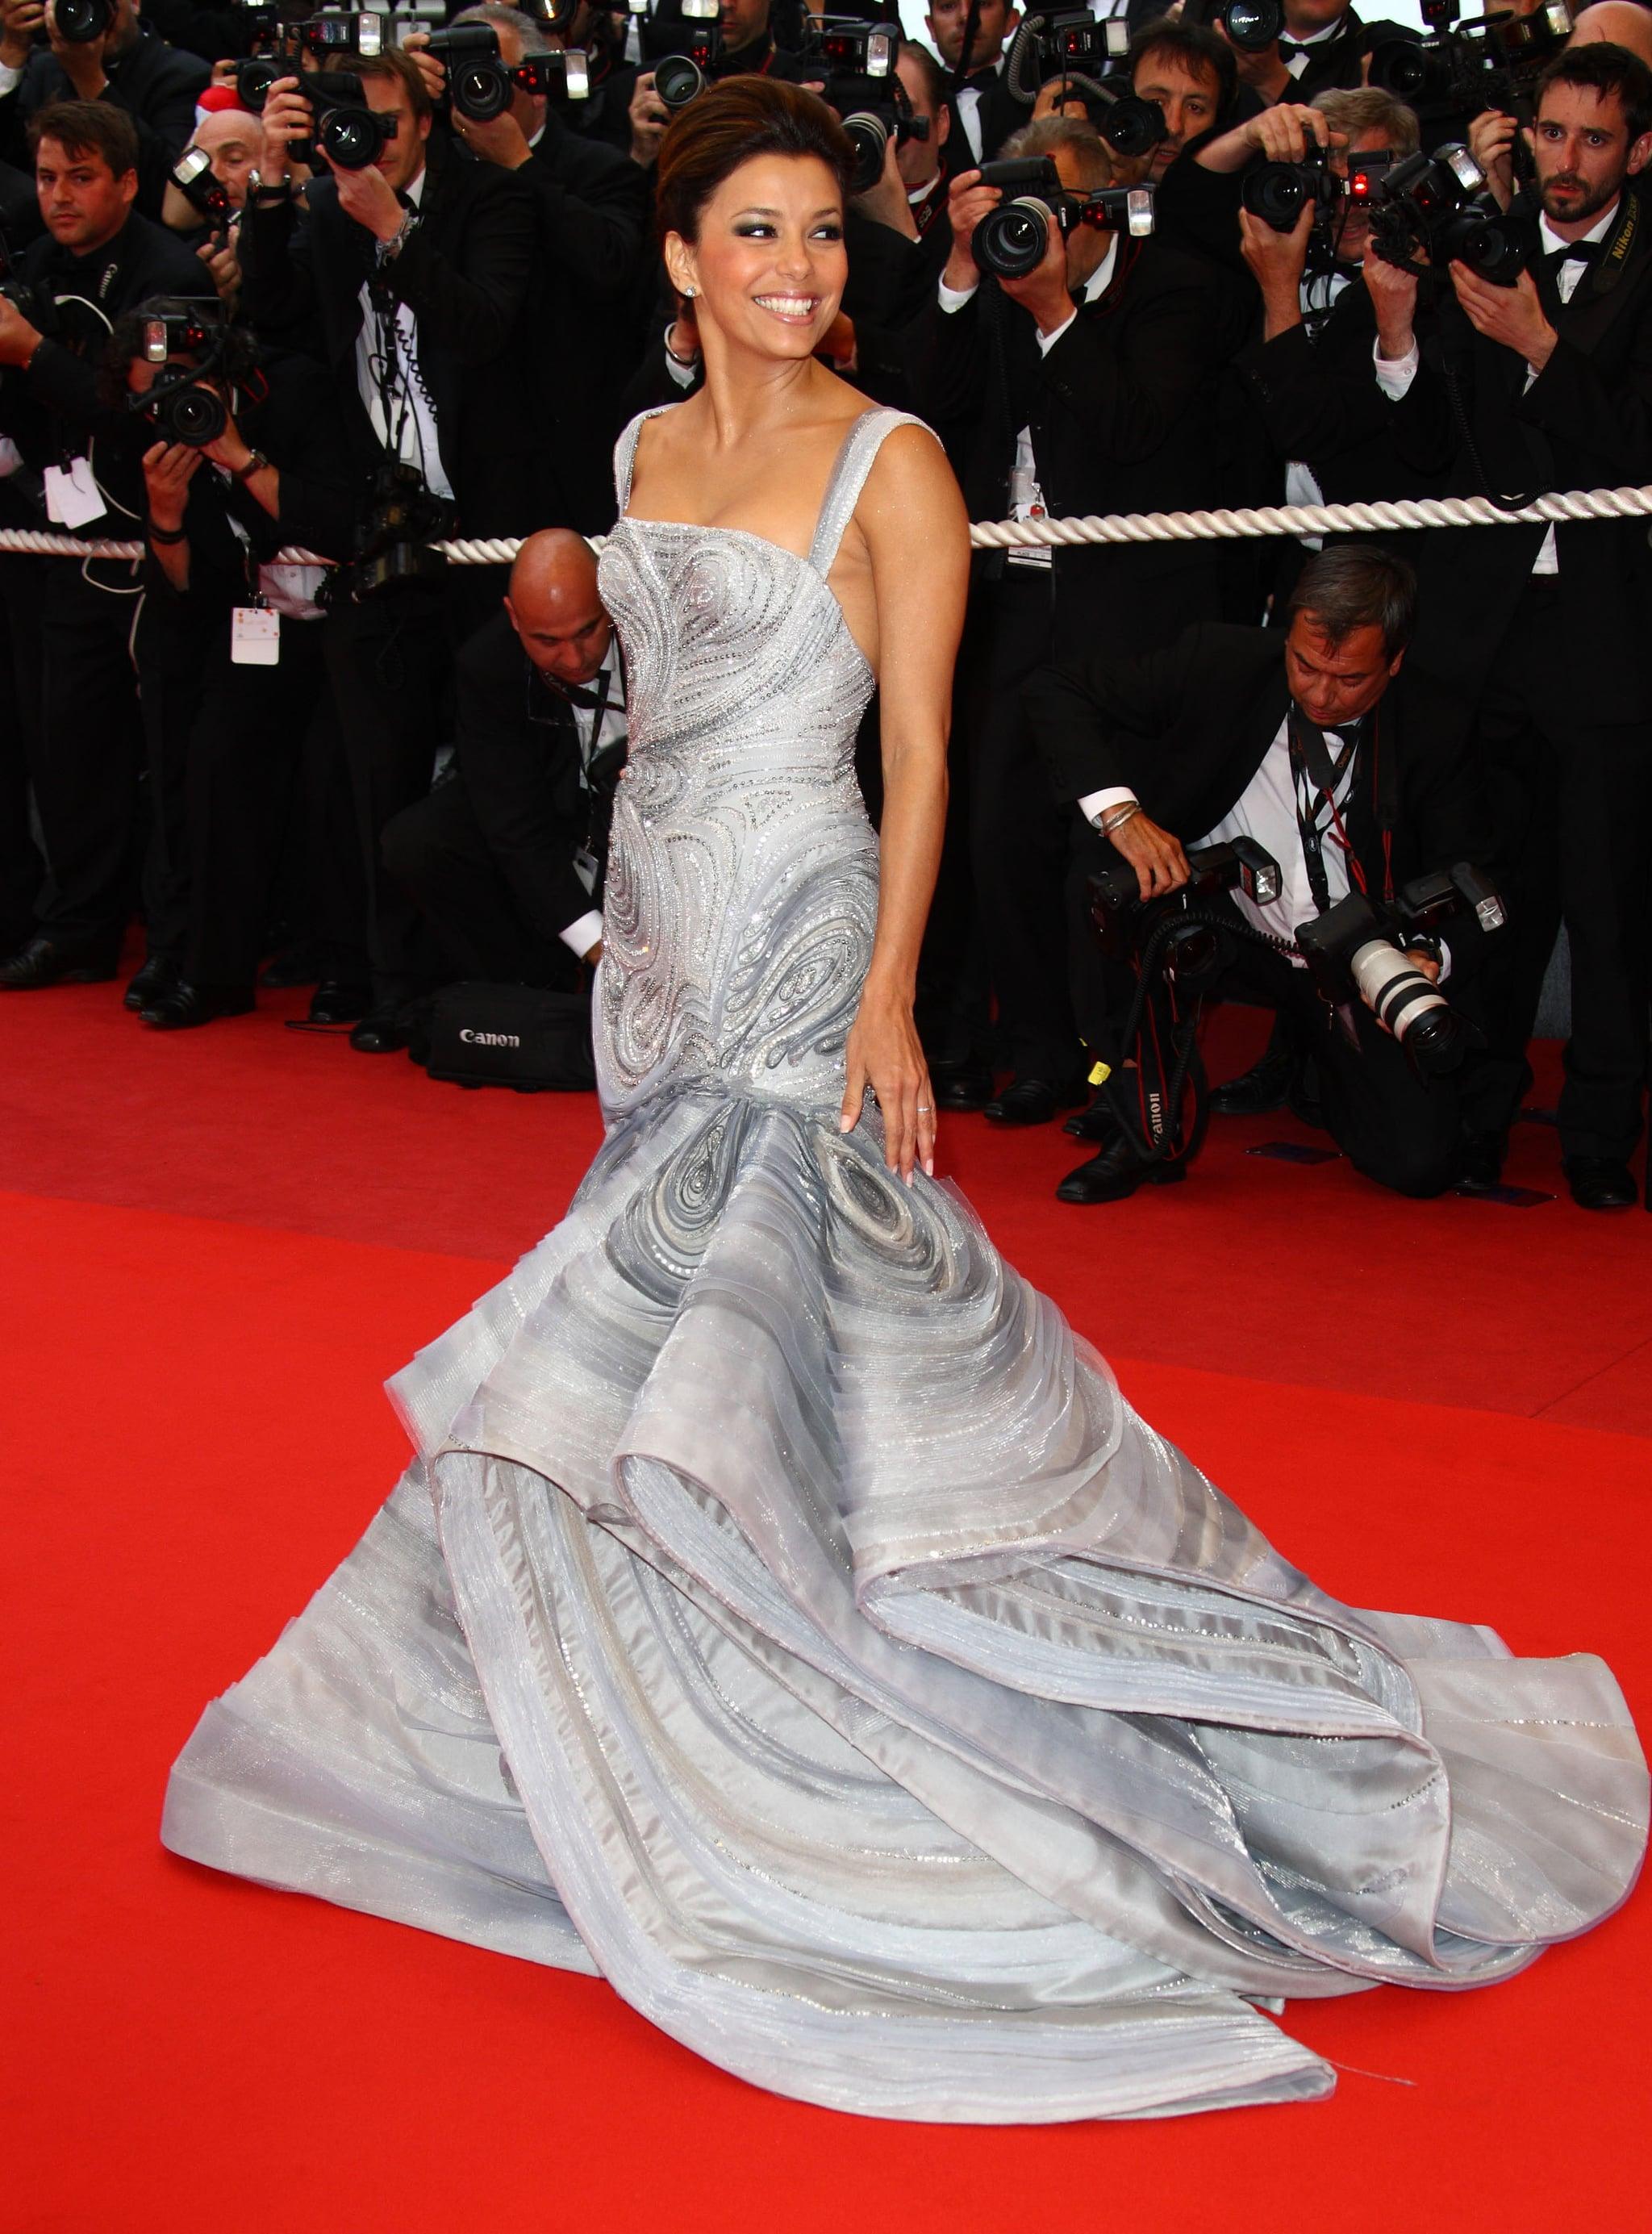 Eva Longoria in Versace at the Cannes International Film Festival